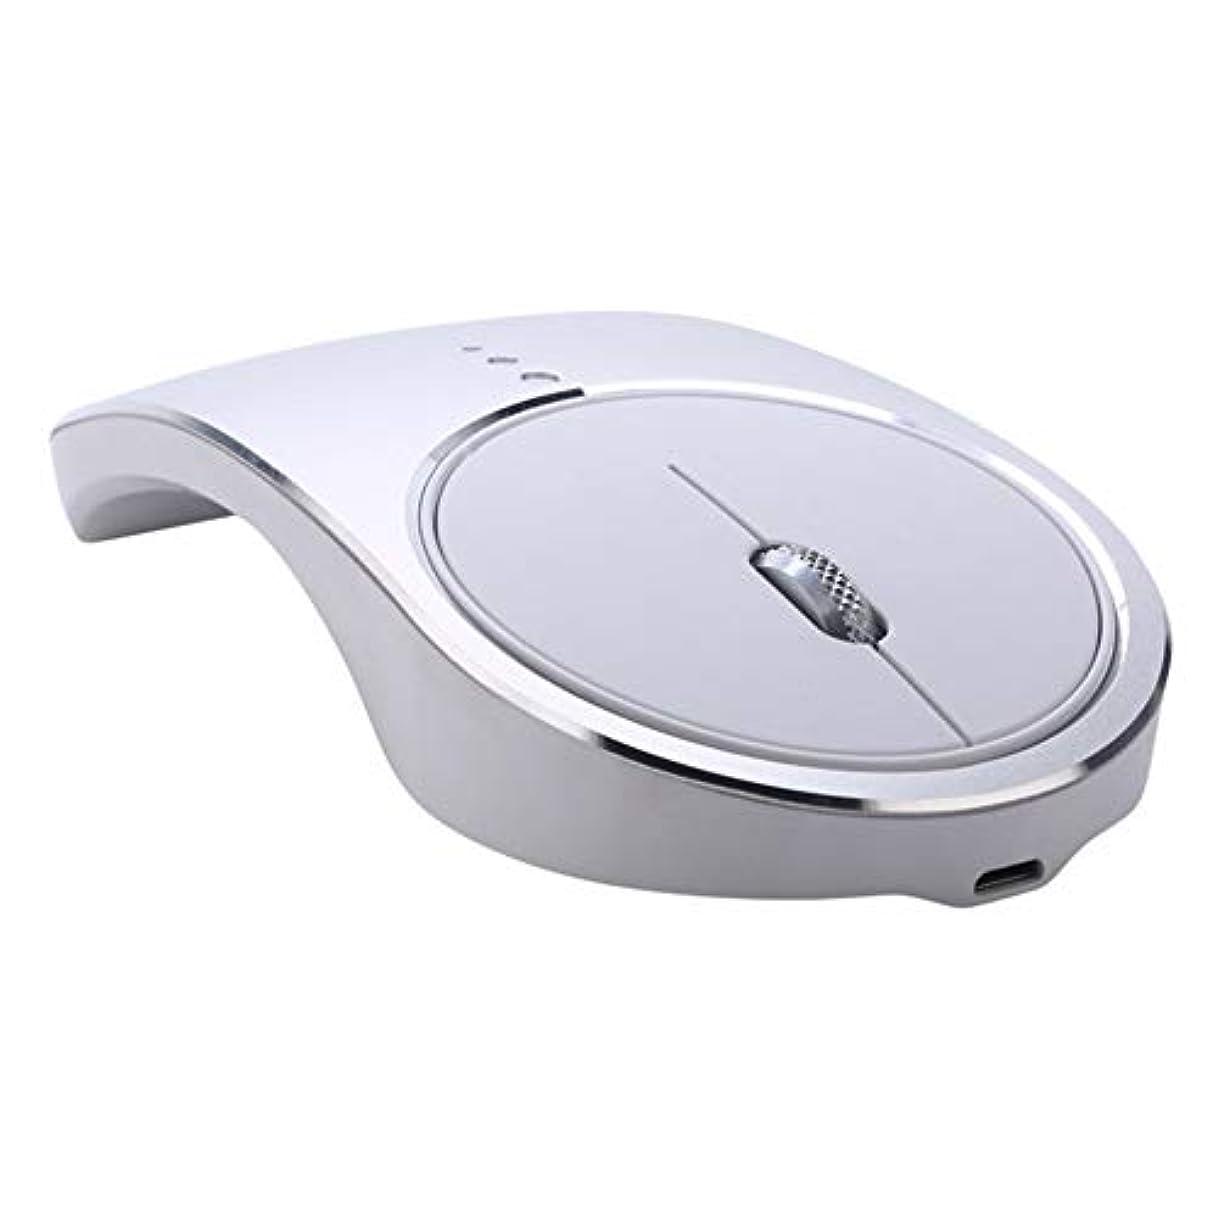 悪化させる毎週飲食店YQMS1100 USB4つのボタン、ラップトップとPCのための3つの調整可能なDPIレベルによるYQJK - 110充電式ラップトップ無線ゲームマウス光学式マウス